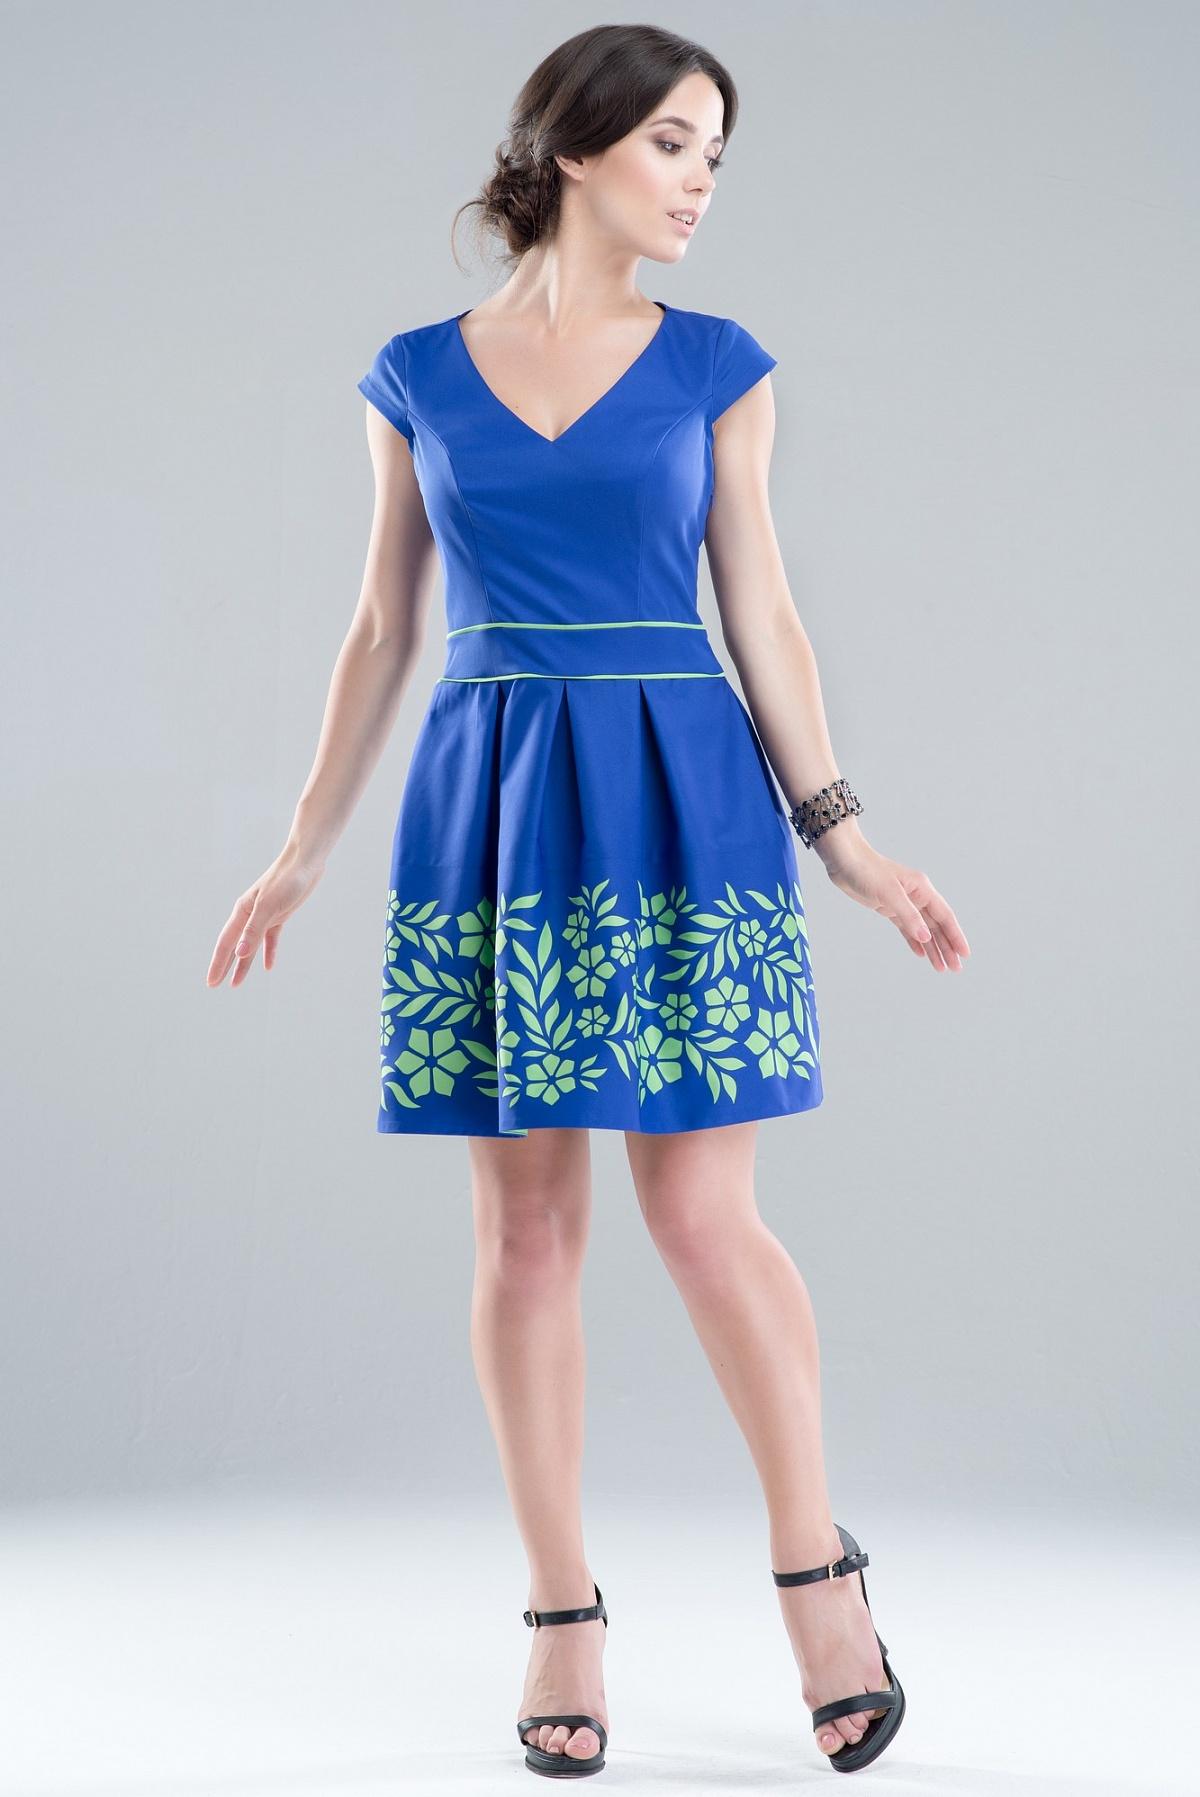 применяют более платья рика маре фото фотосессия